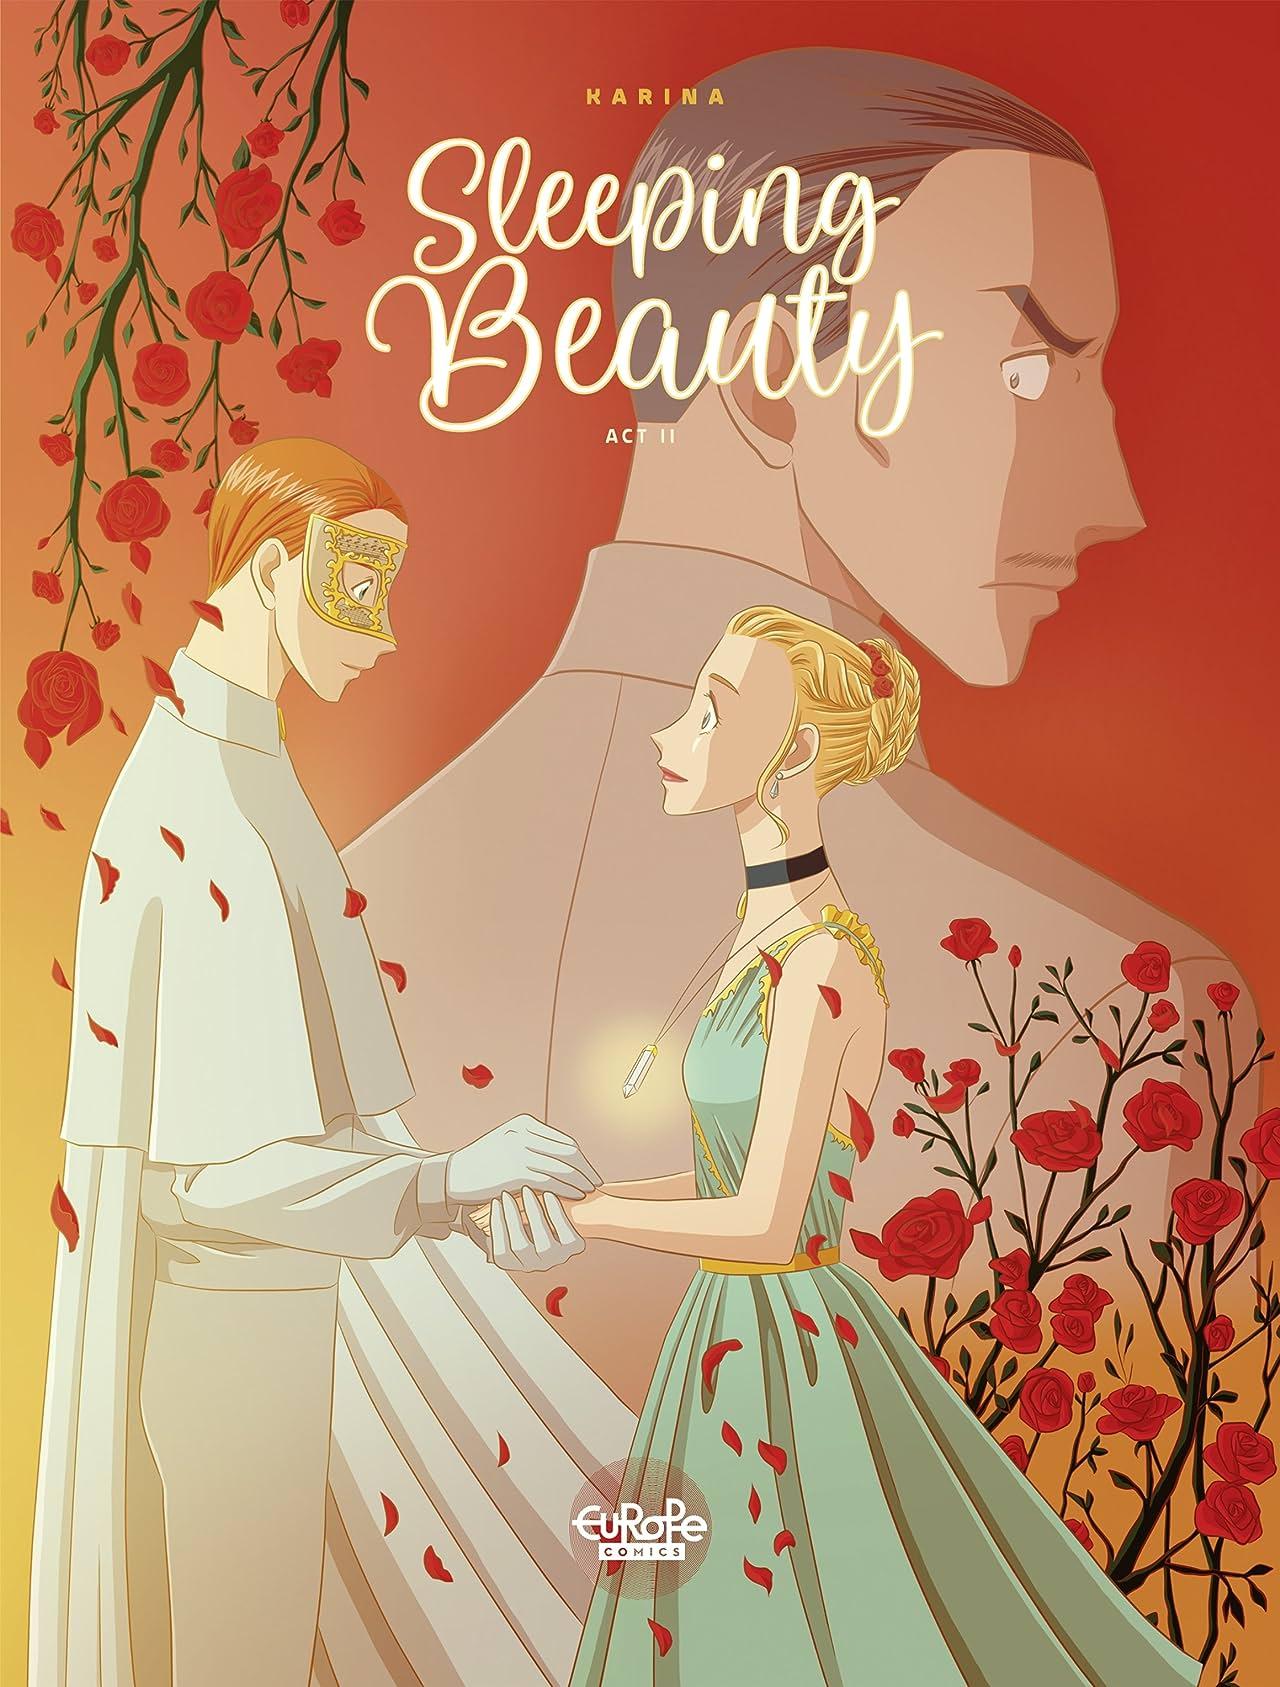 Sleeping Beauty: Act II